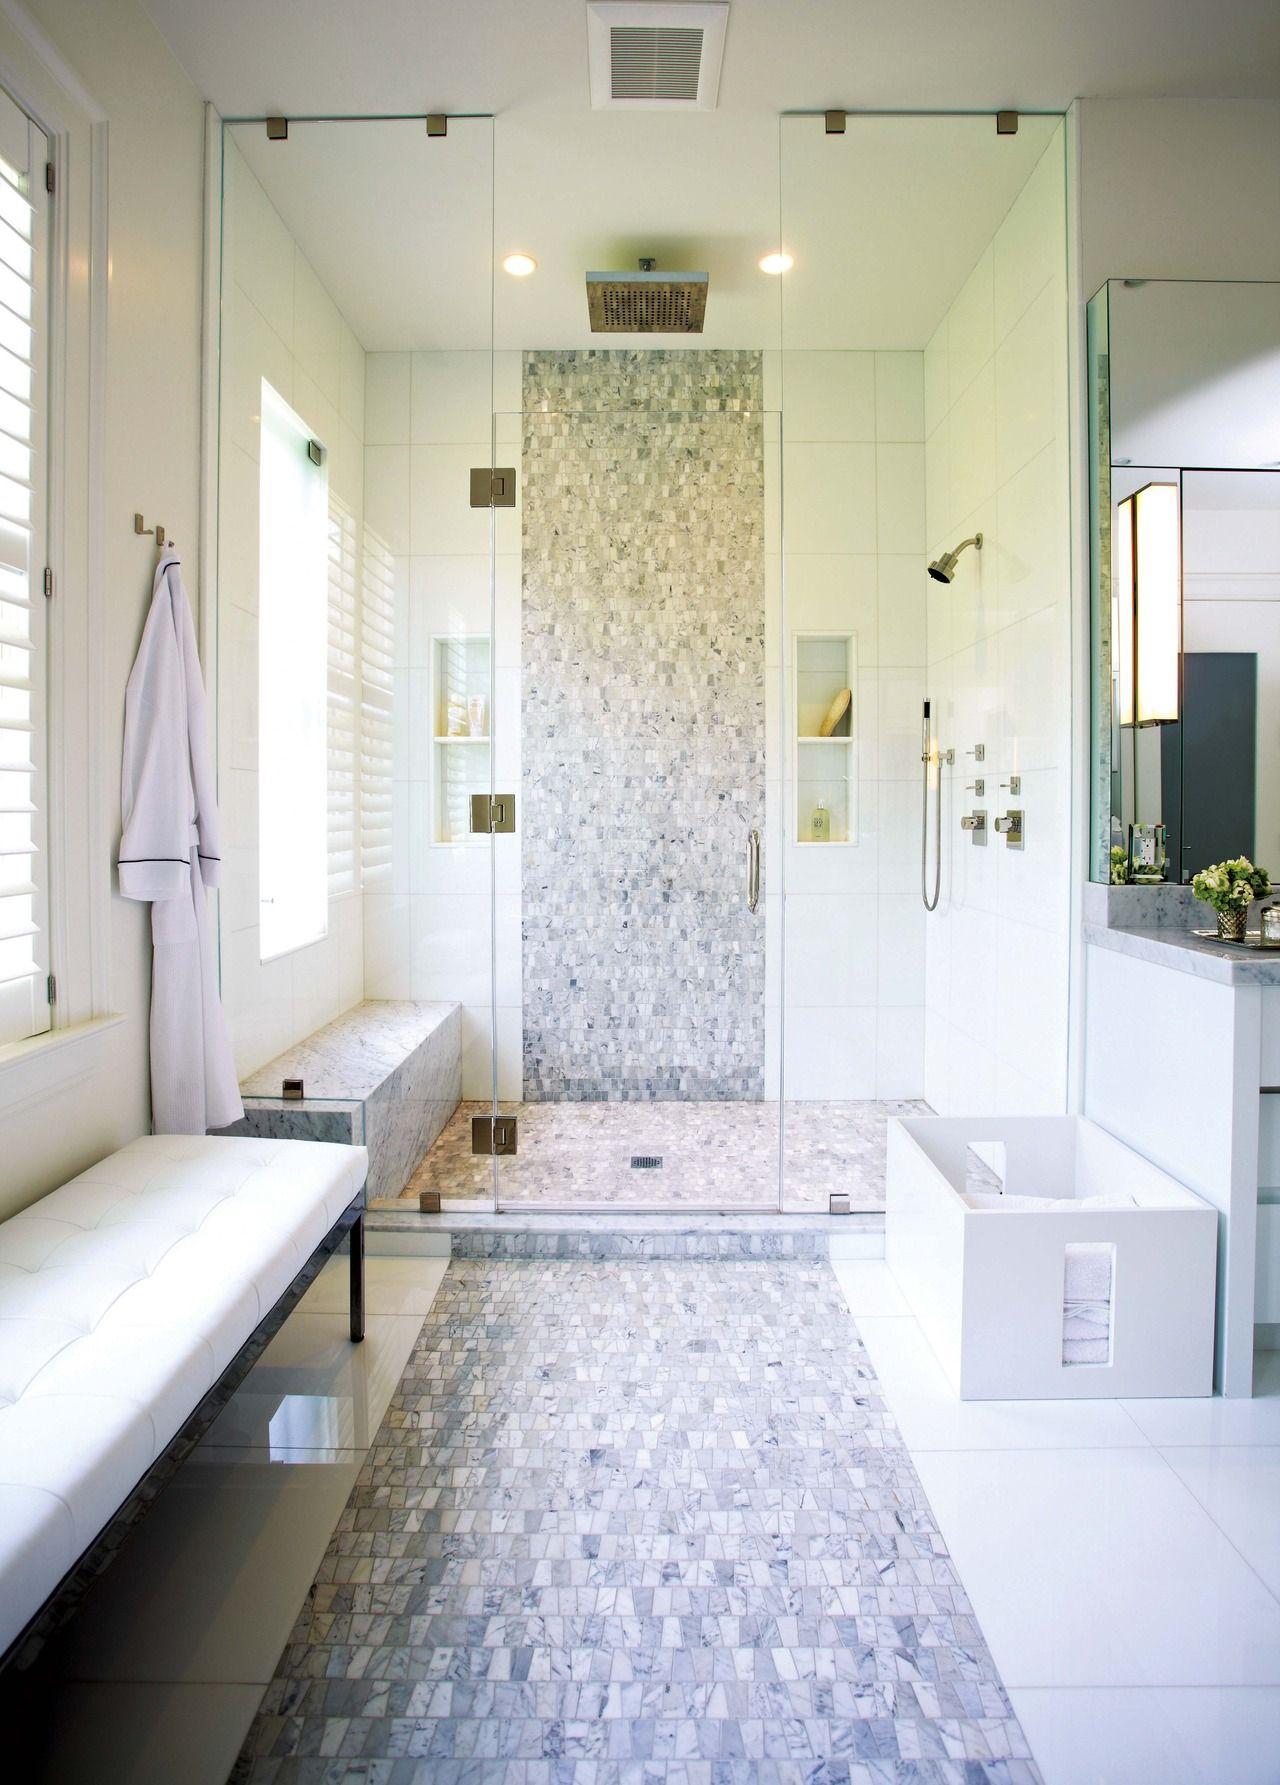 Una casa con toques de diseño oriental | Baño moderno, En la casa y Gris